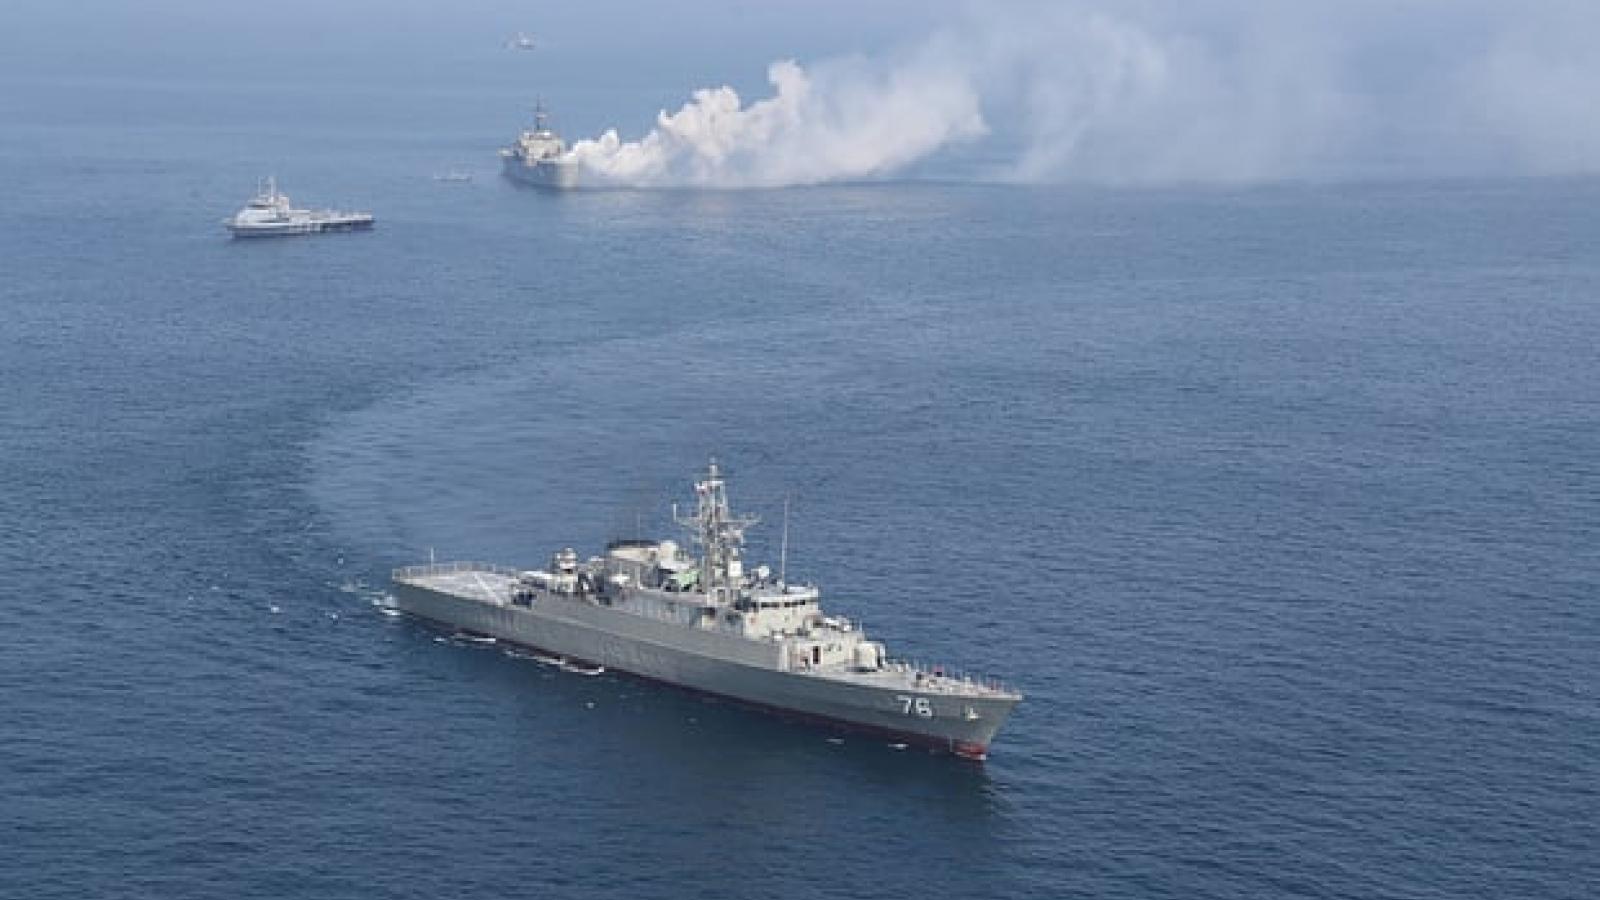 Tàu Mỹ bắn 30 phát súng cảnh cáo khi bị tàu Iran áp sát